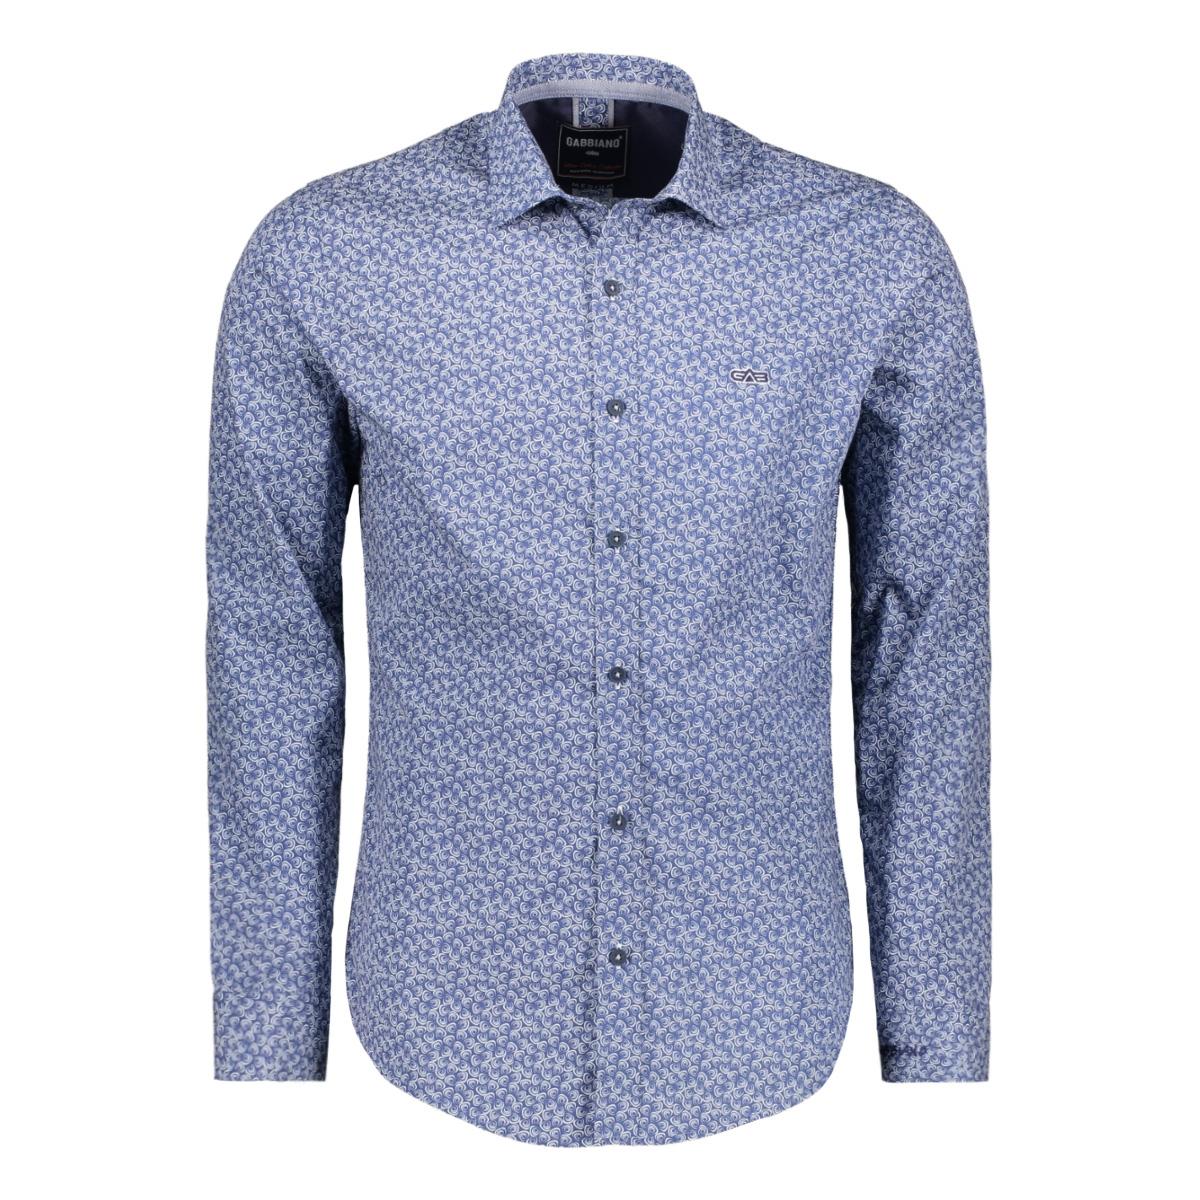 32682 gabbiano overhemd 31